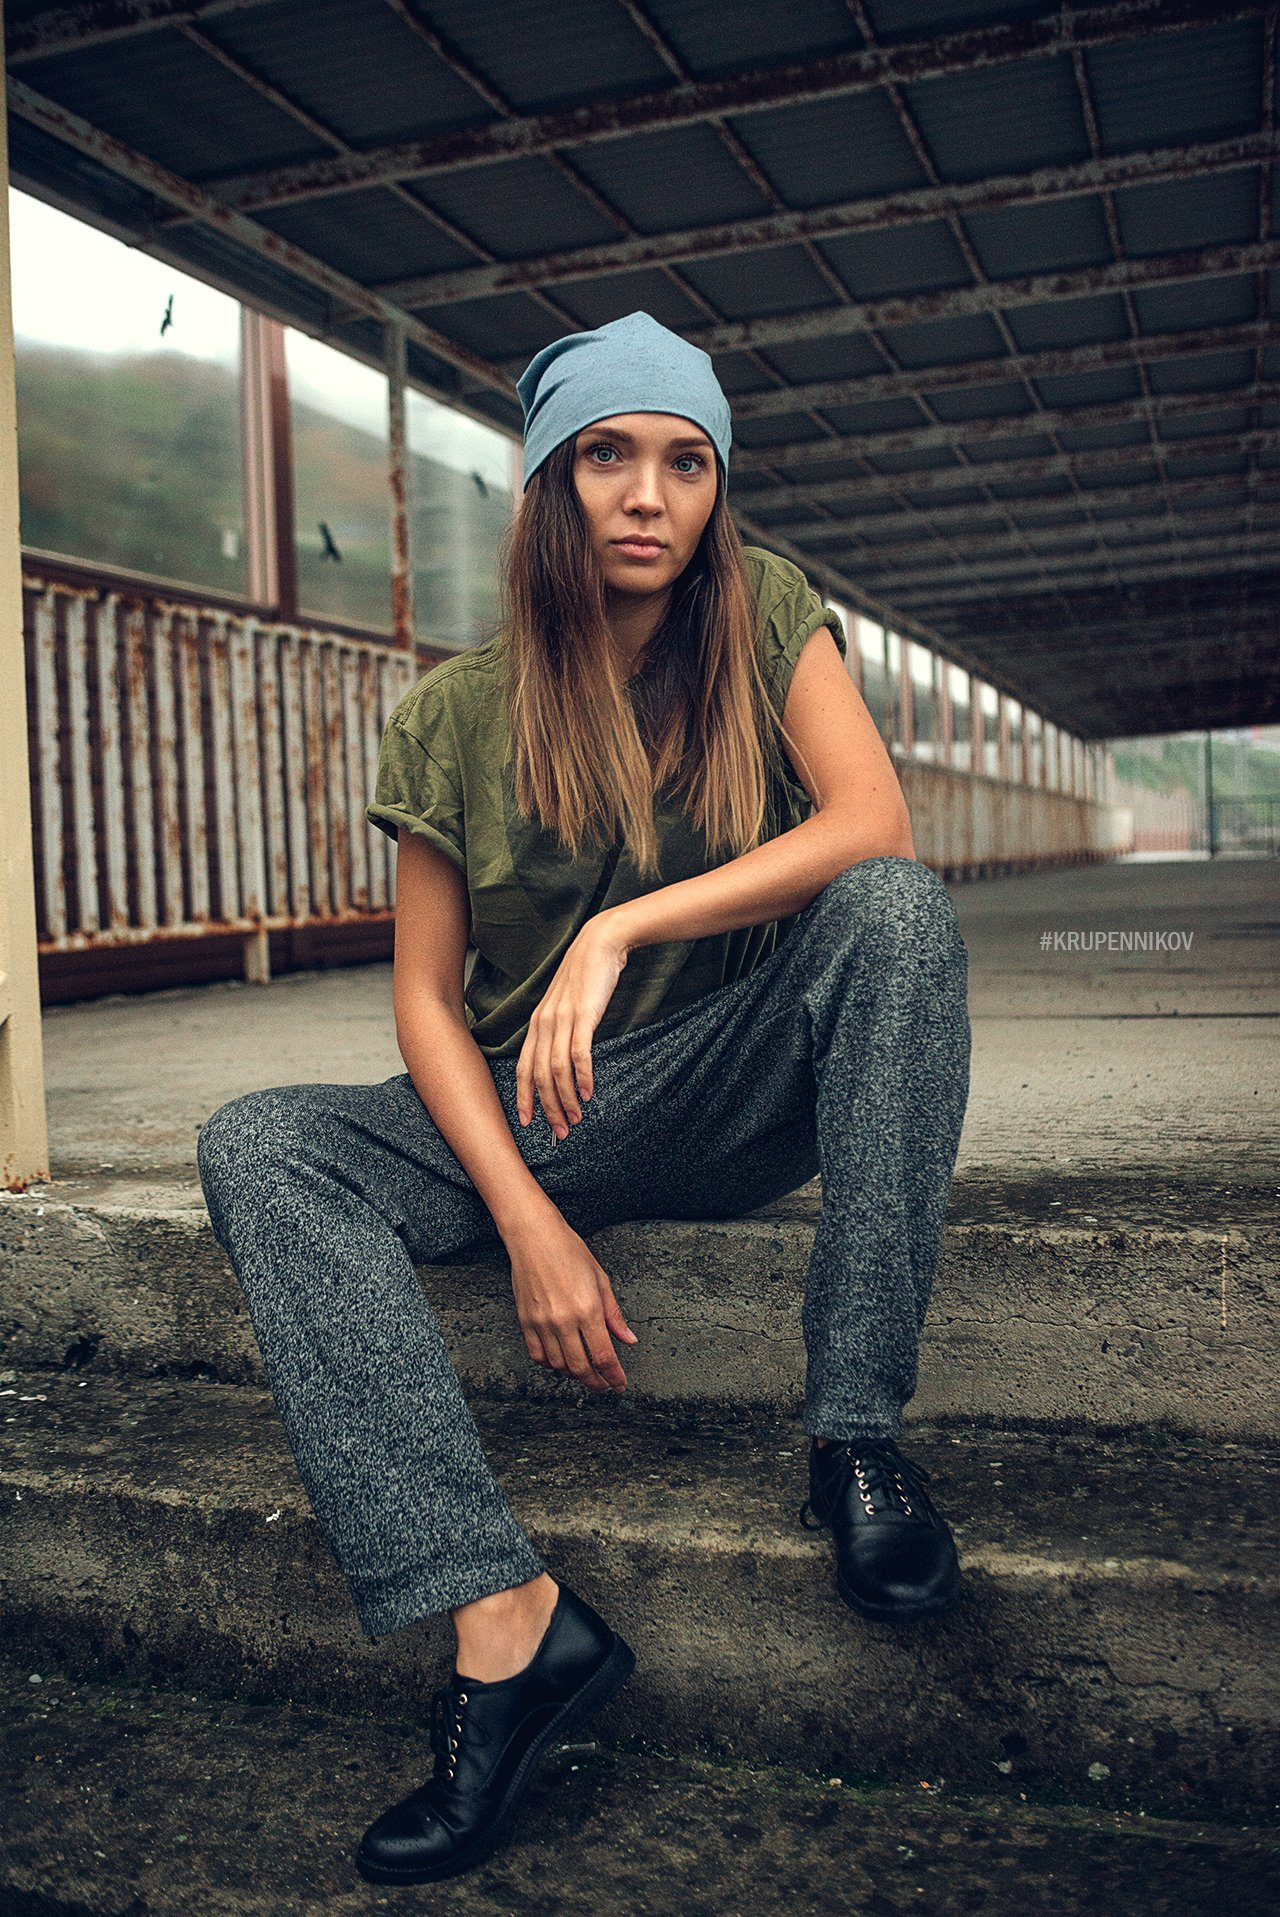 девушка, портрет, улица, пасмурно, шапка, ботинки, штаны, длинные волосы, Петр Крупенников